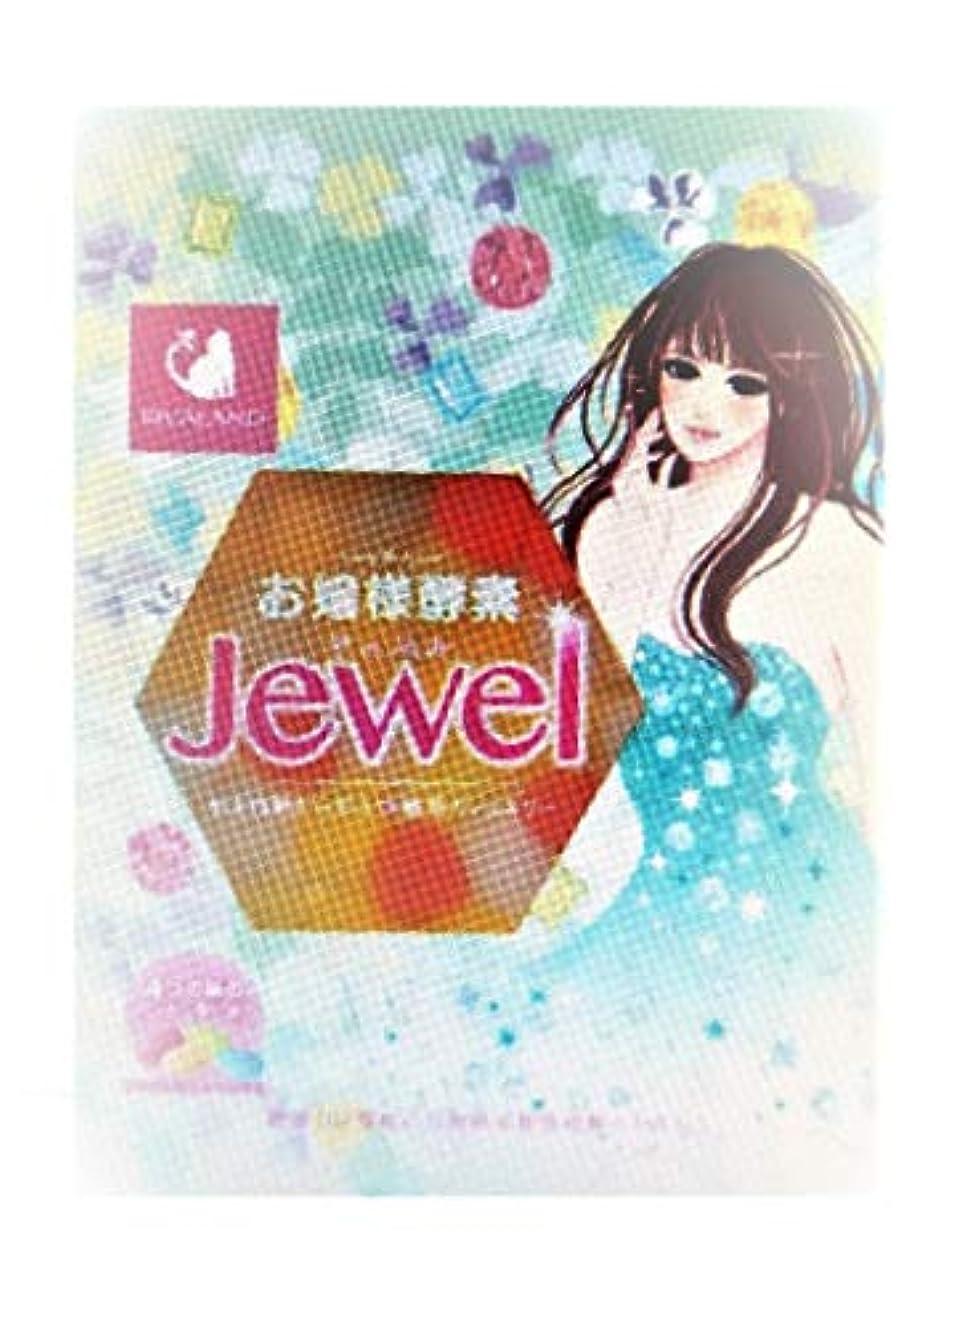 改革爆発進化お嬢様酵素Jewel 15食セット